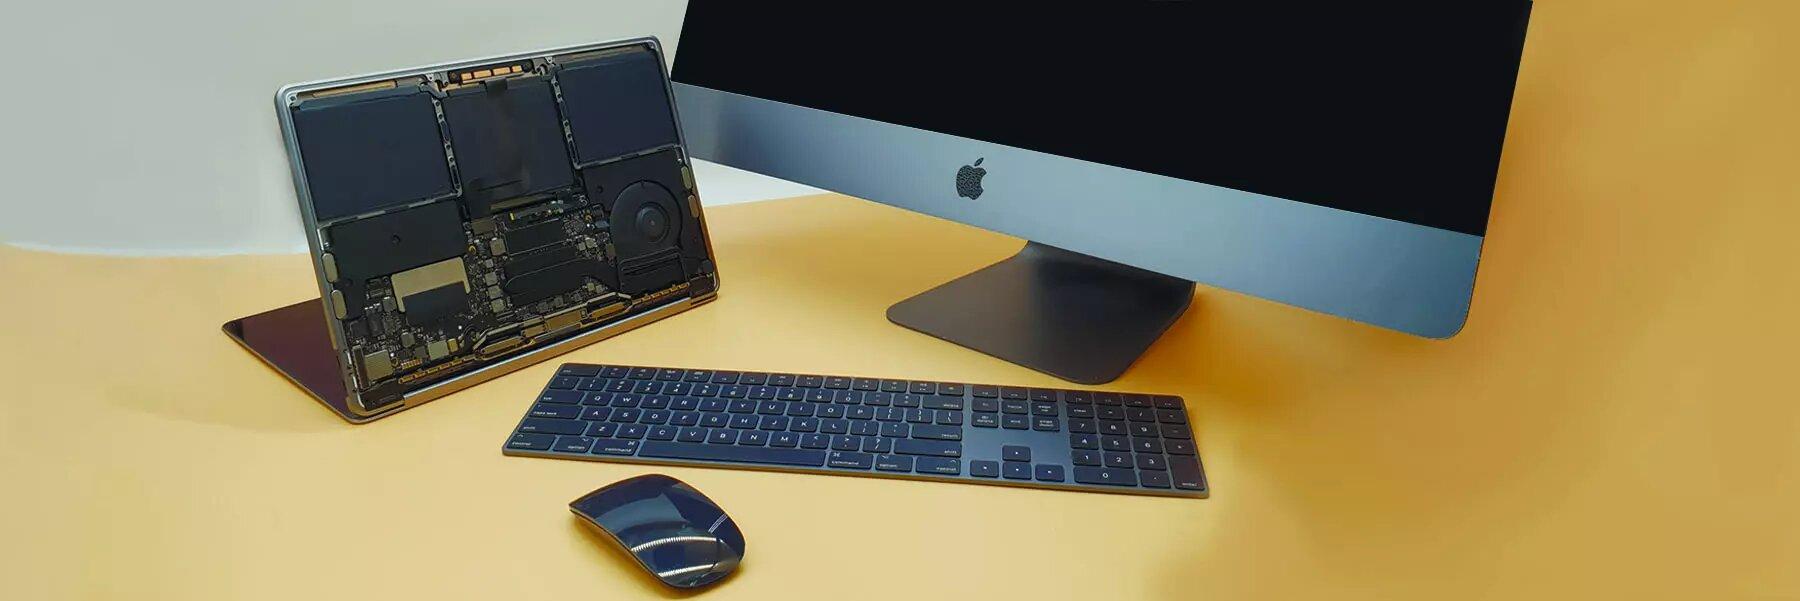 תיקון Mac - כיצד עושים זאת נכון?